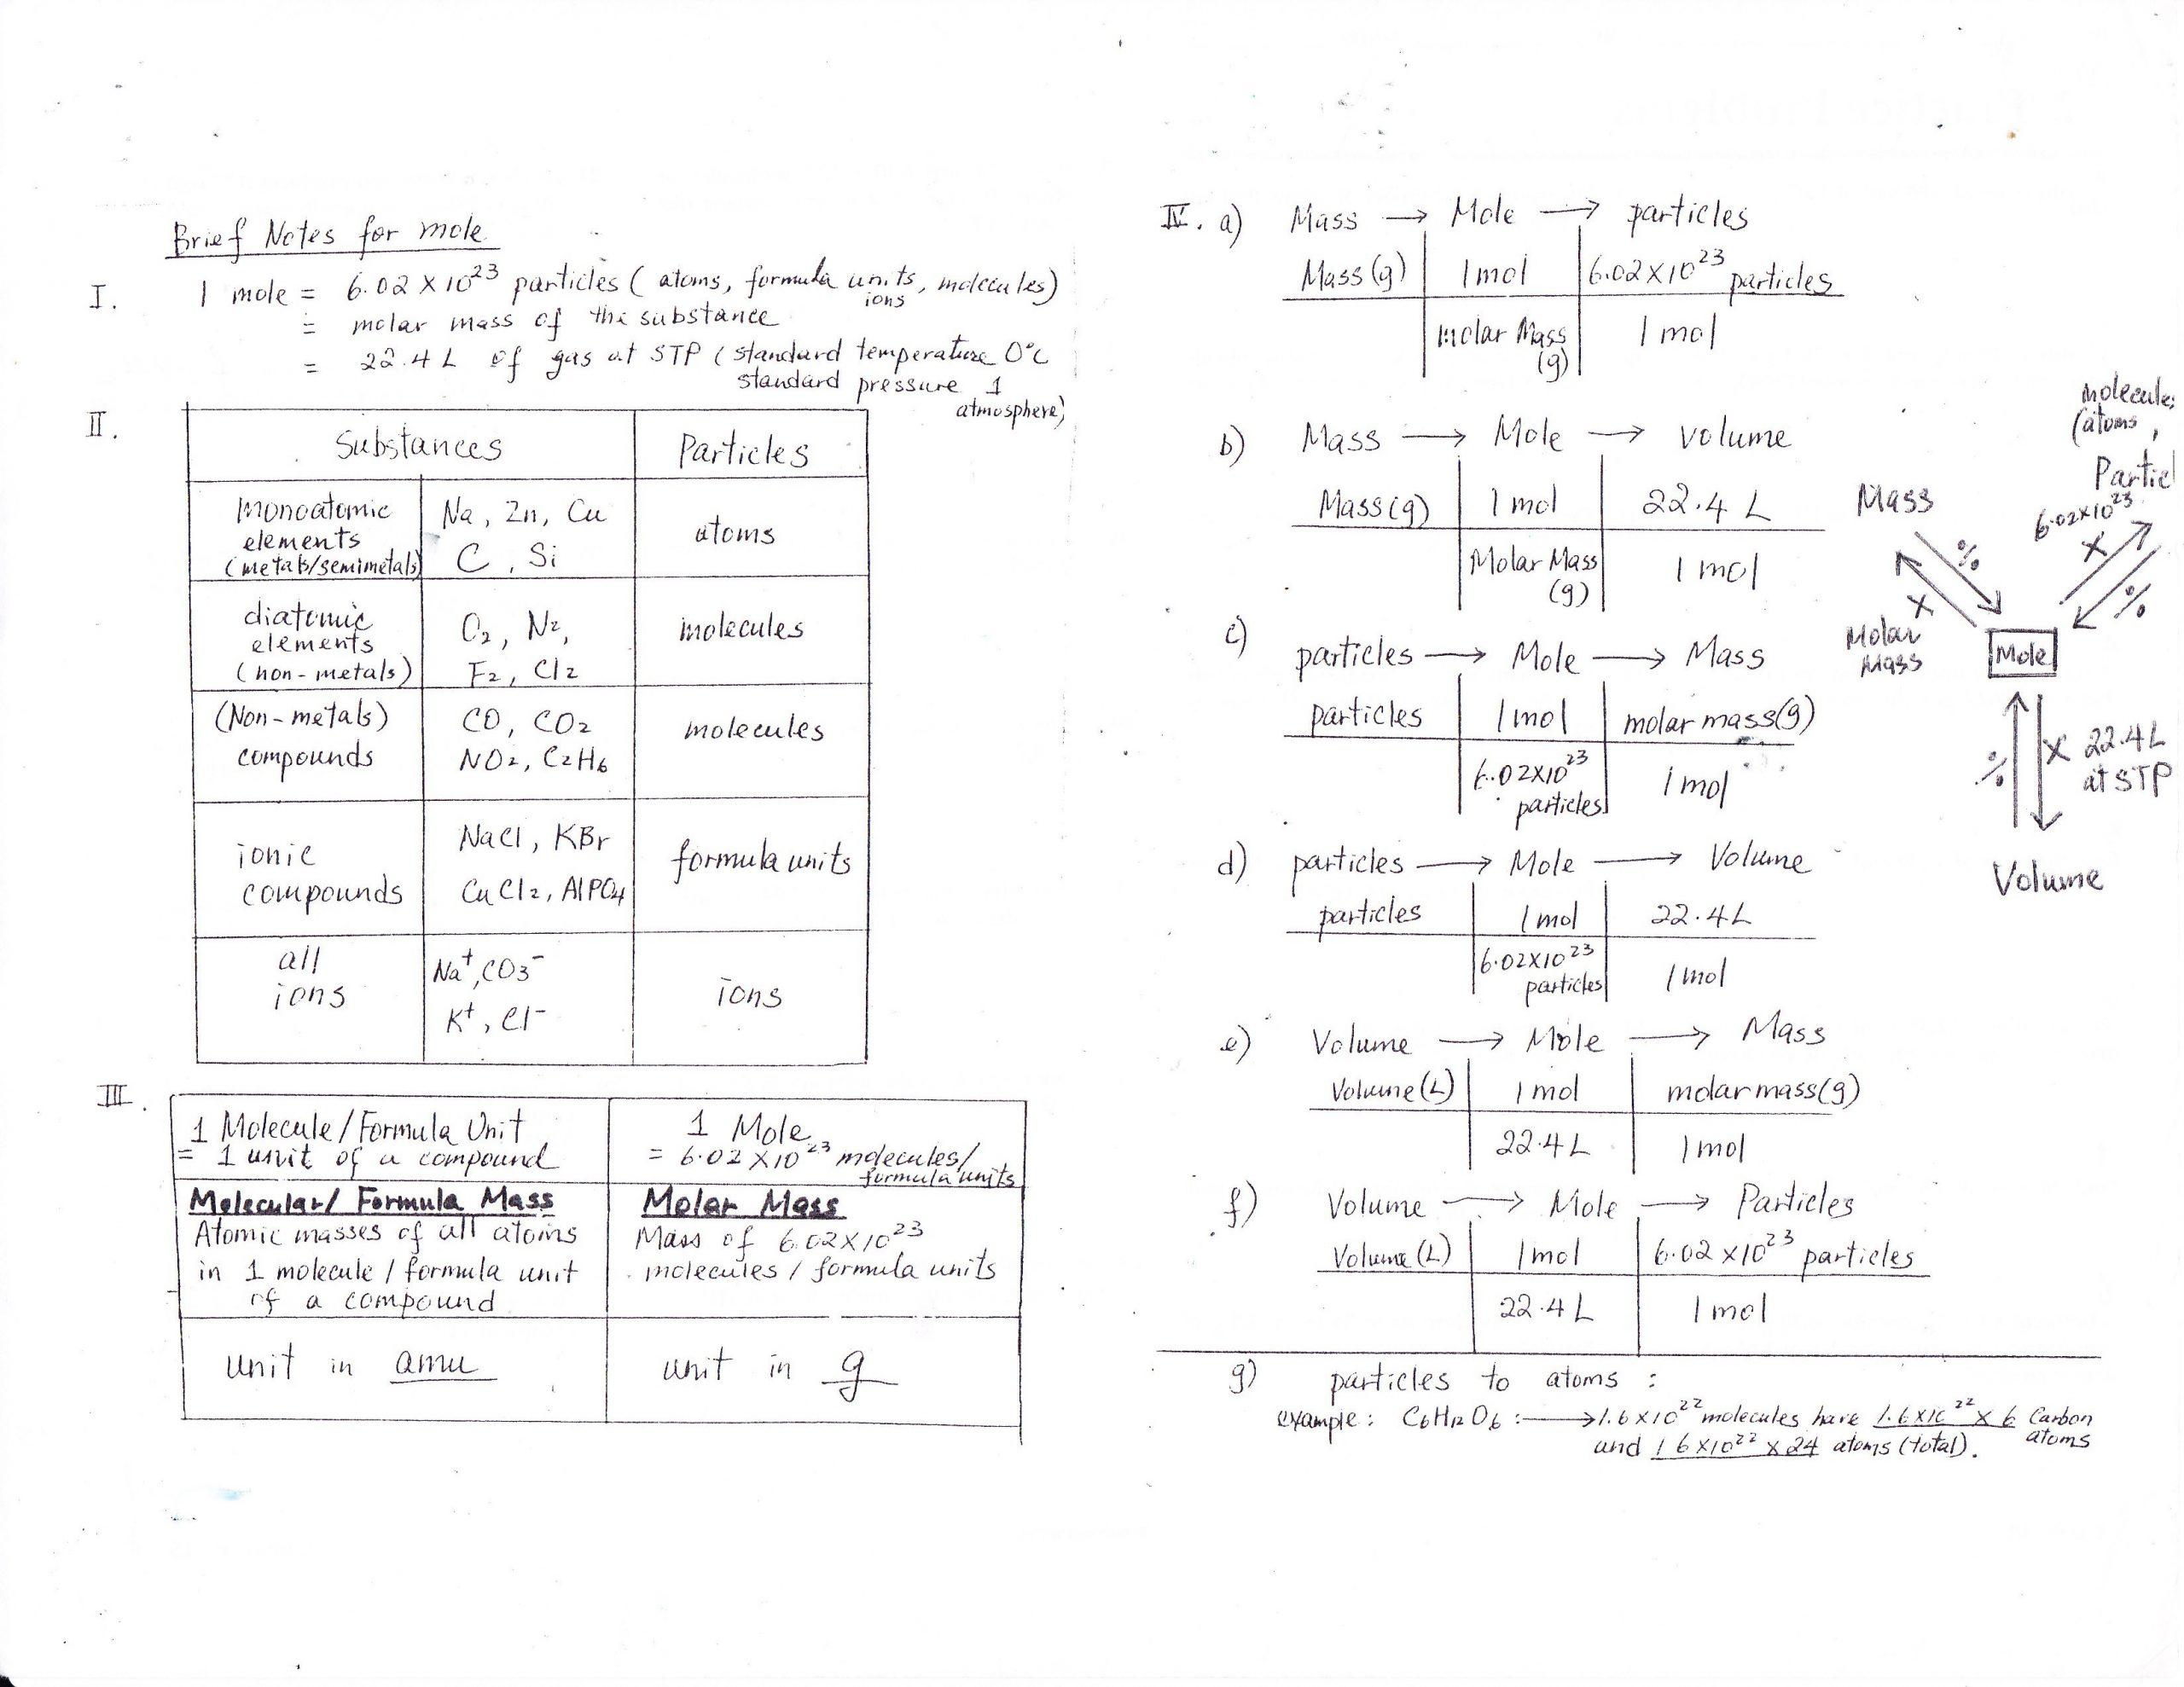 Macromolecules Worksheet Answer Key Education Template